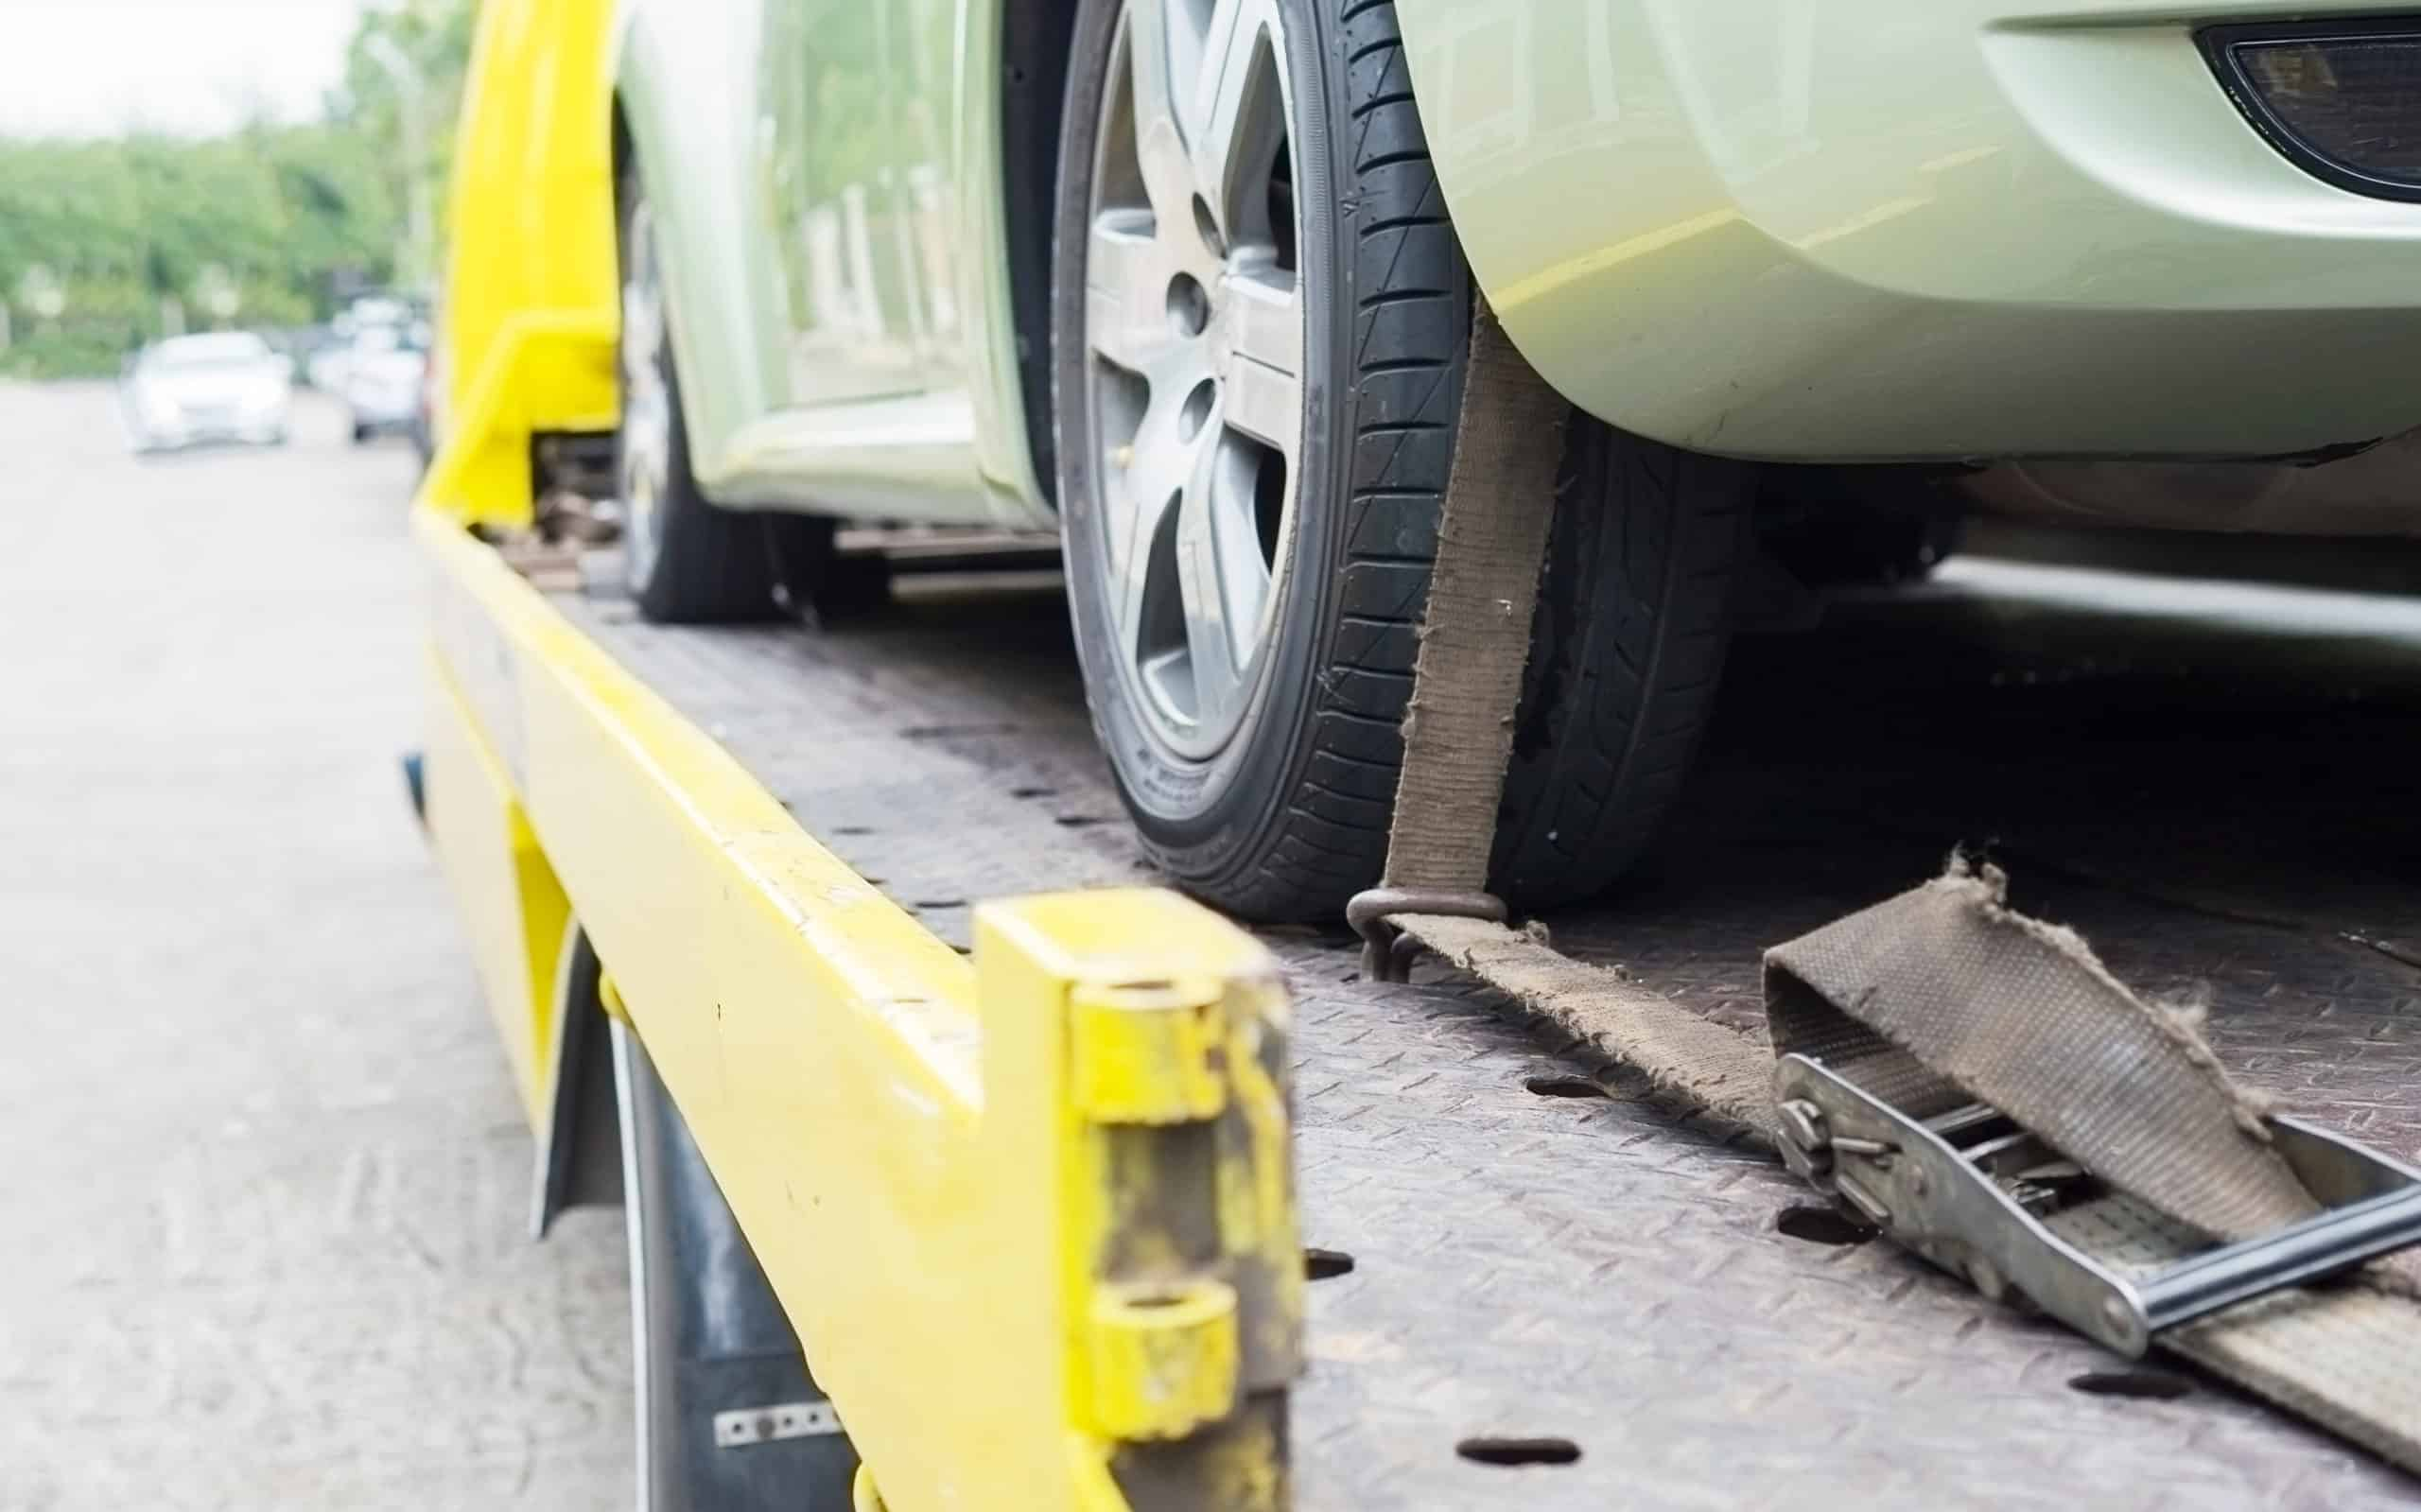 WSDOT Crew Injured in Crash on Interstate 5 [Lynnwood, WA]